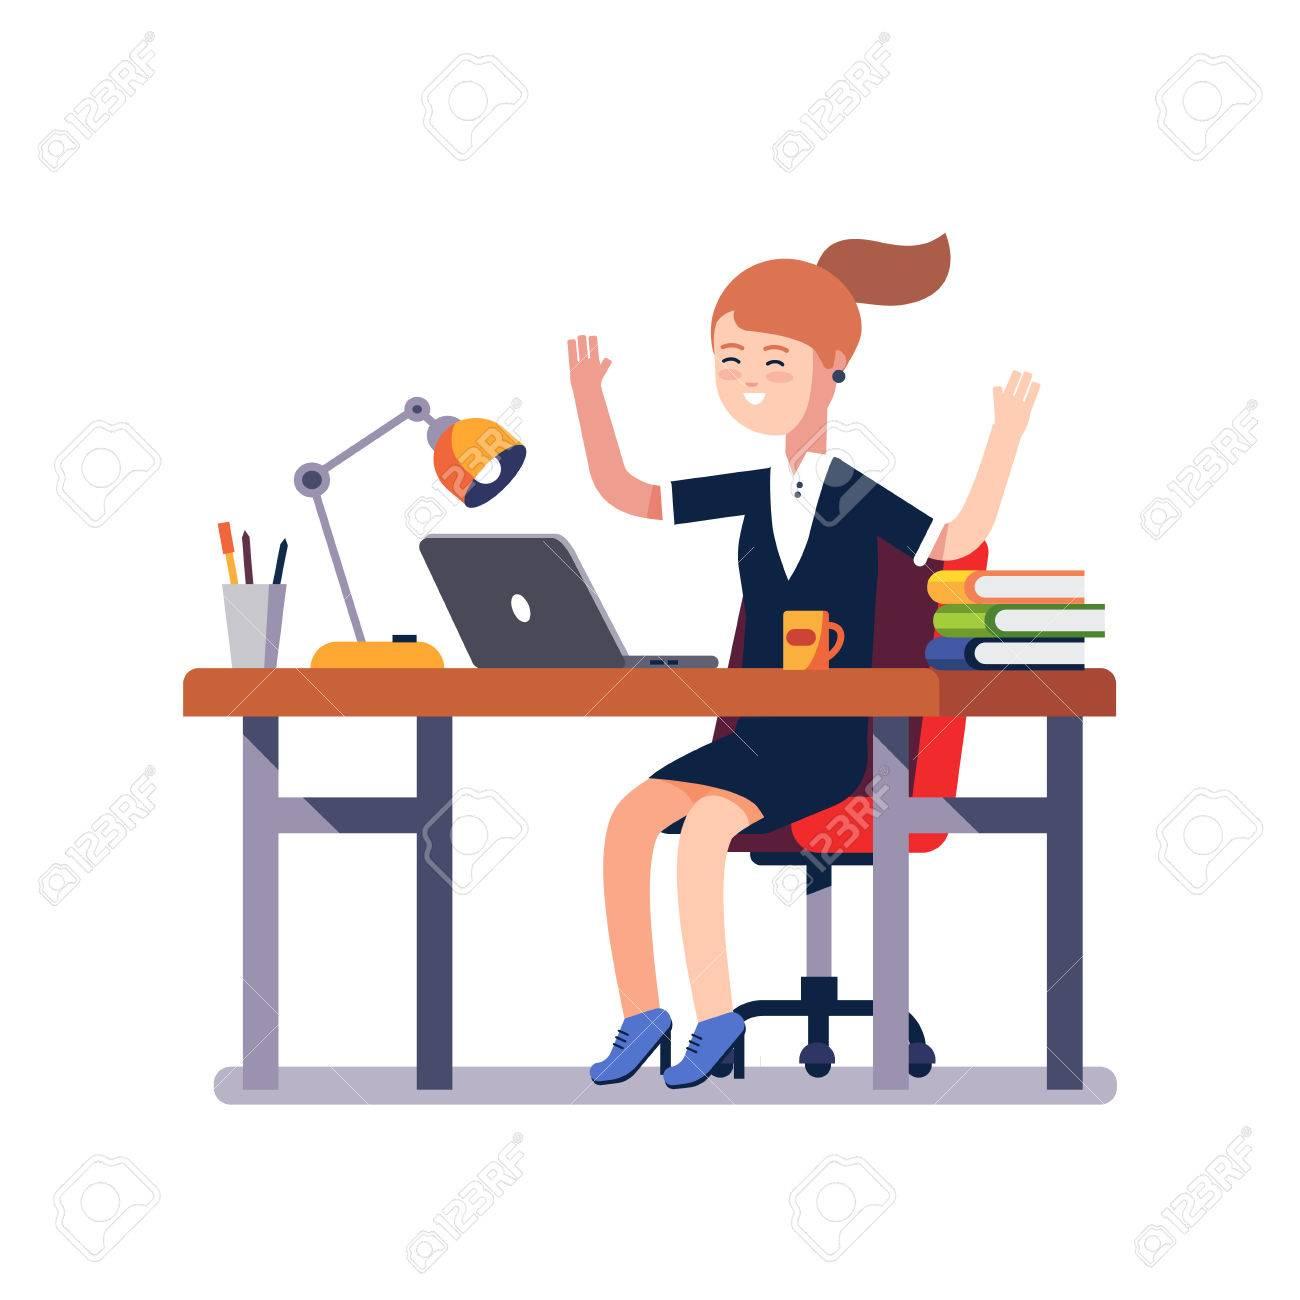 Schreibtisch clipart  Geschäftsfrau Mit Einem Laptop Auf Dem Schreibtisch Sitzen Hebt ...